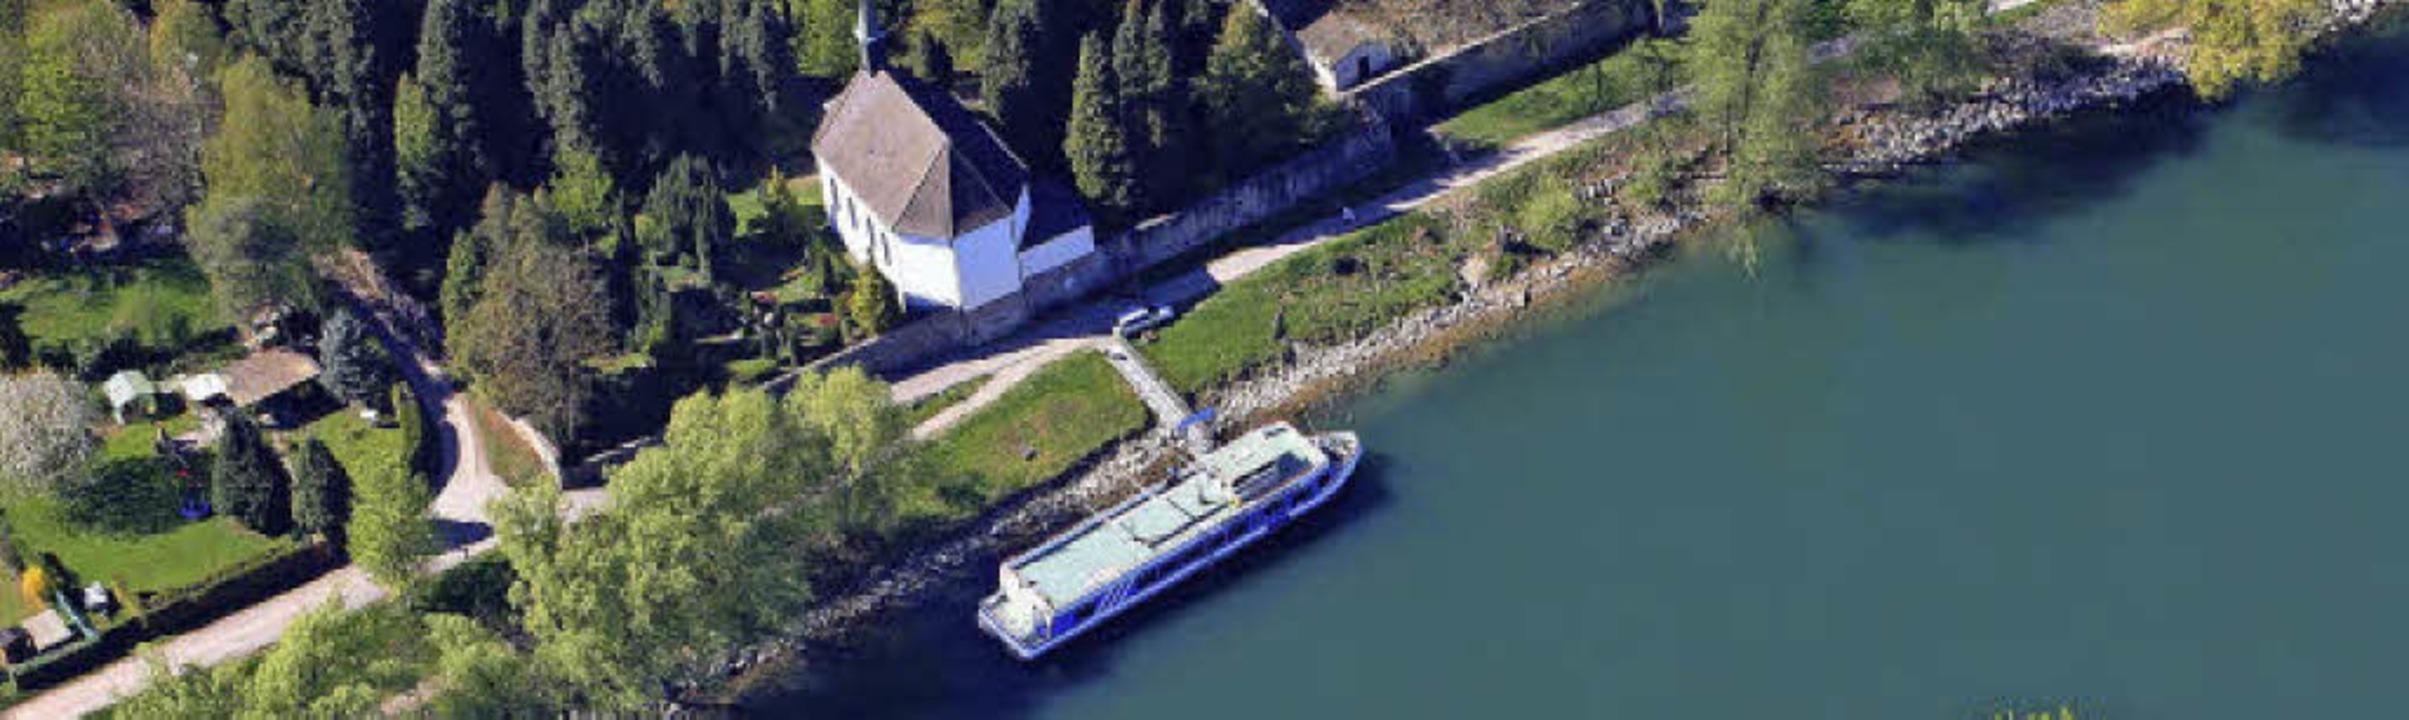 Bad Säckingen braucht ein neues Konzept für den Tourismus.   | Foto: Erich Meyer